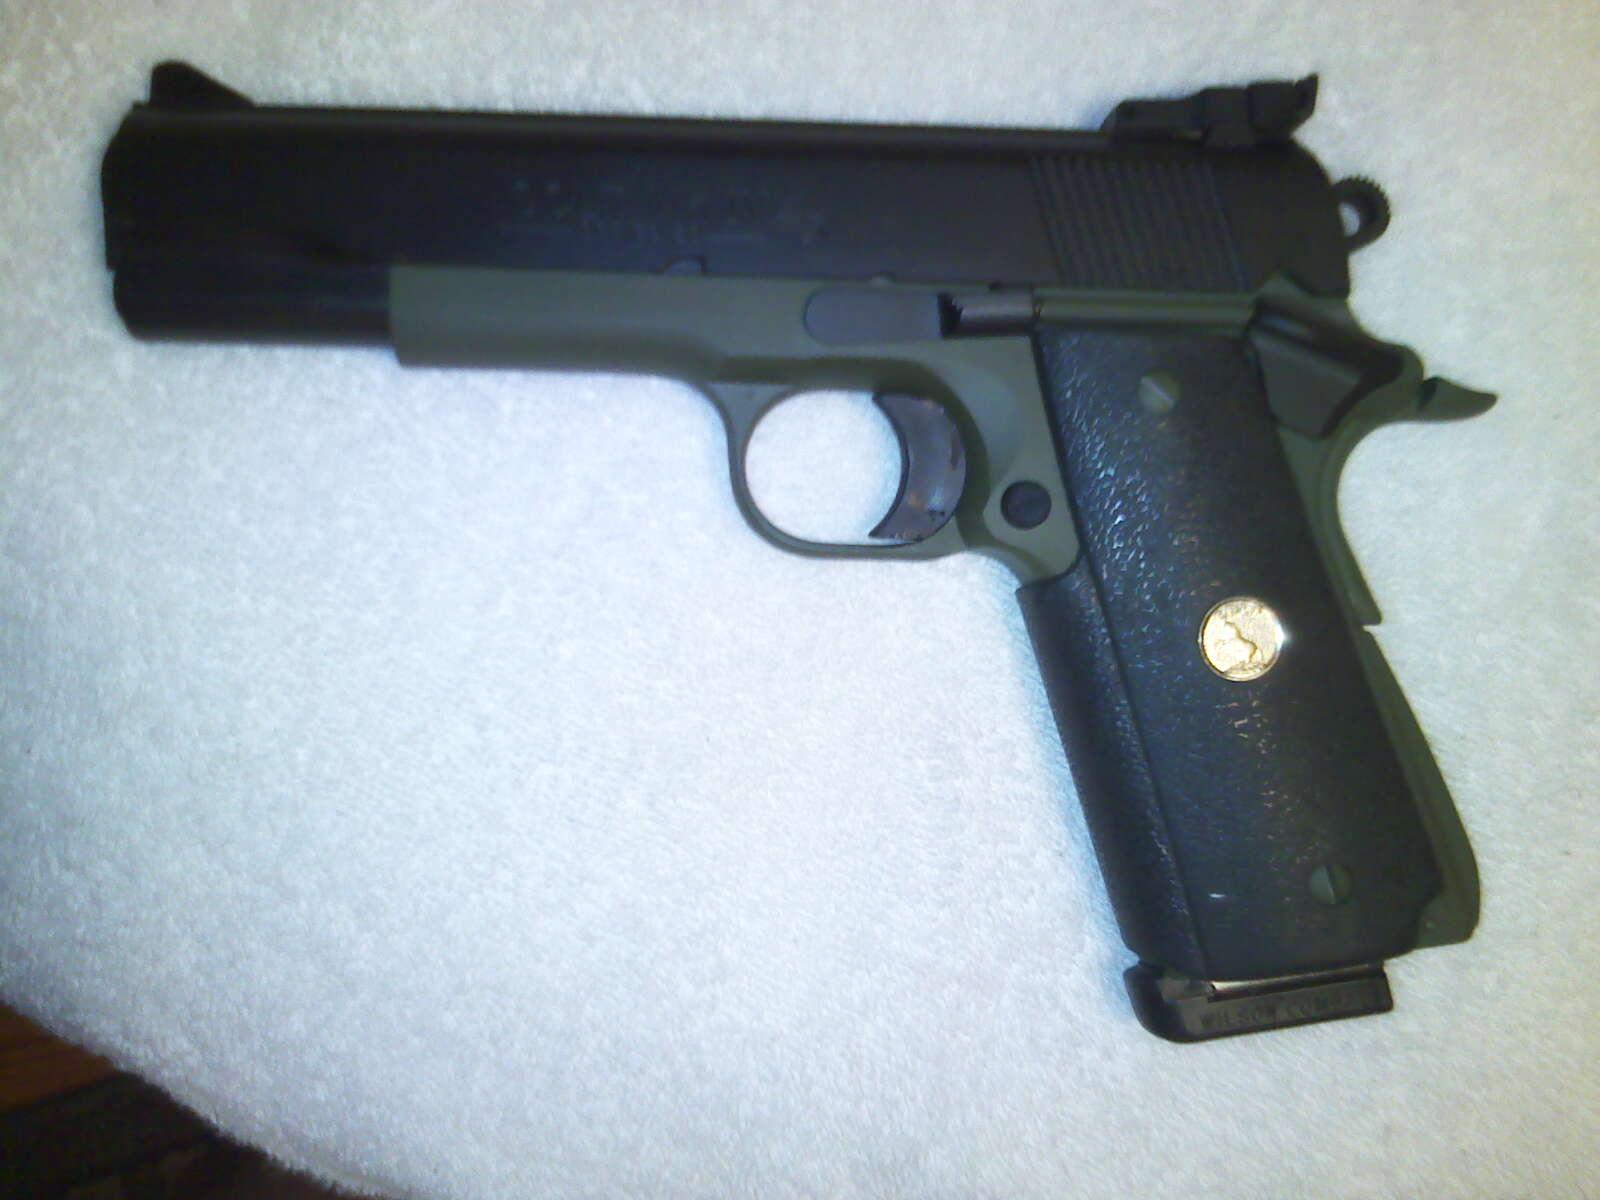 Old Colt 1911 with Cerakote coating-10-12-11_1841-jpg